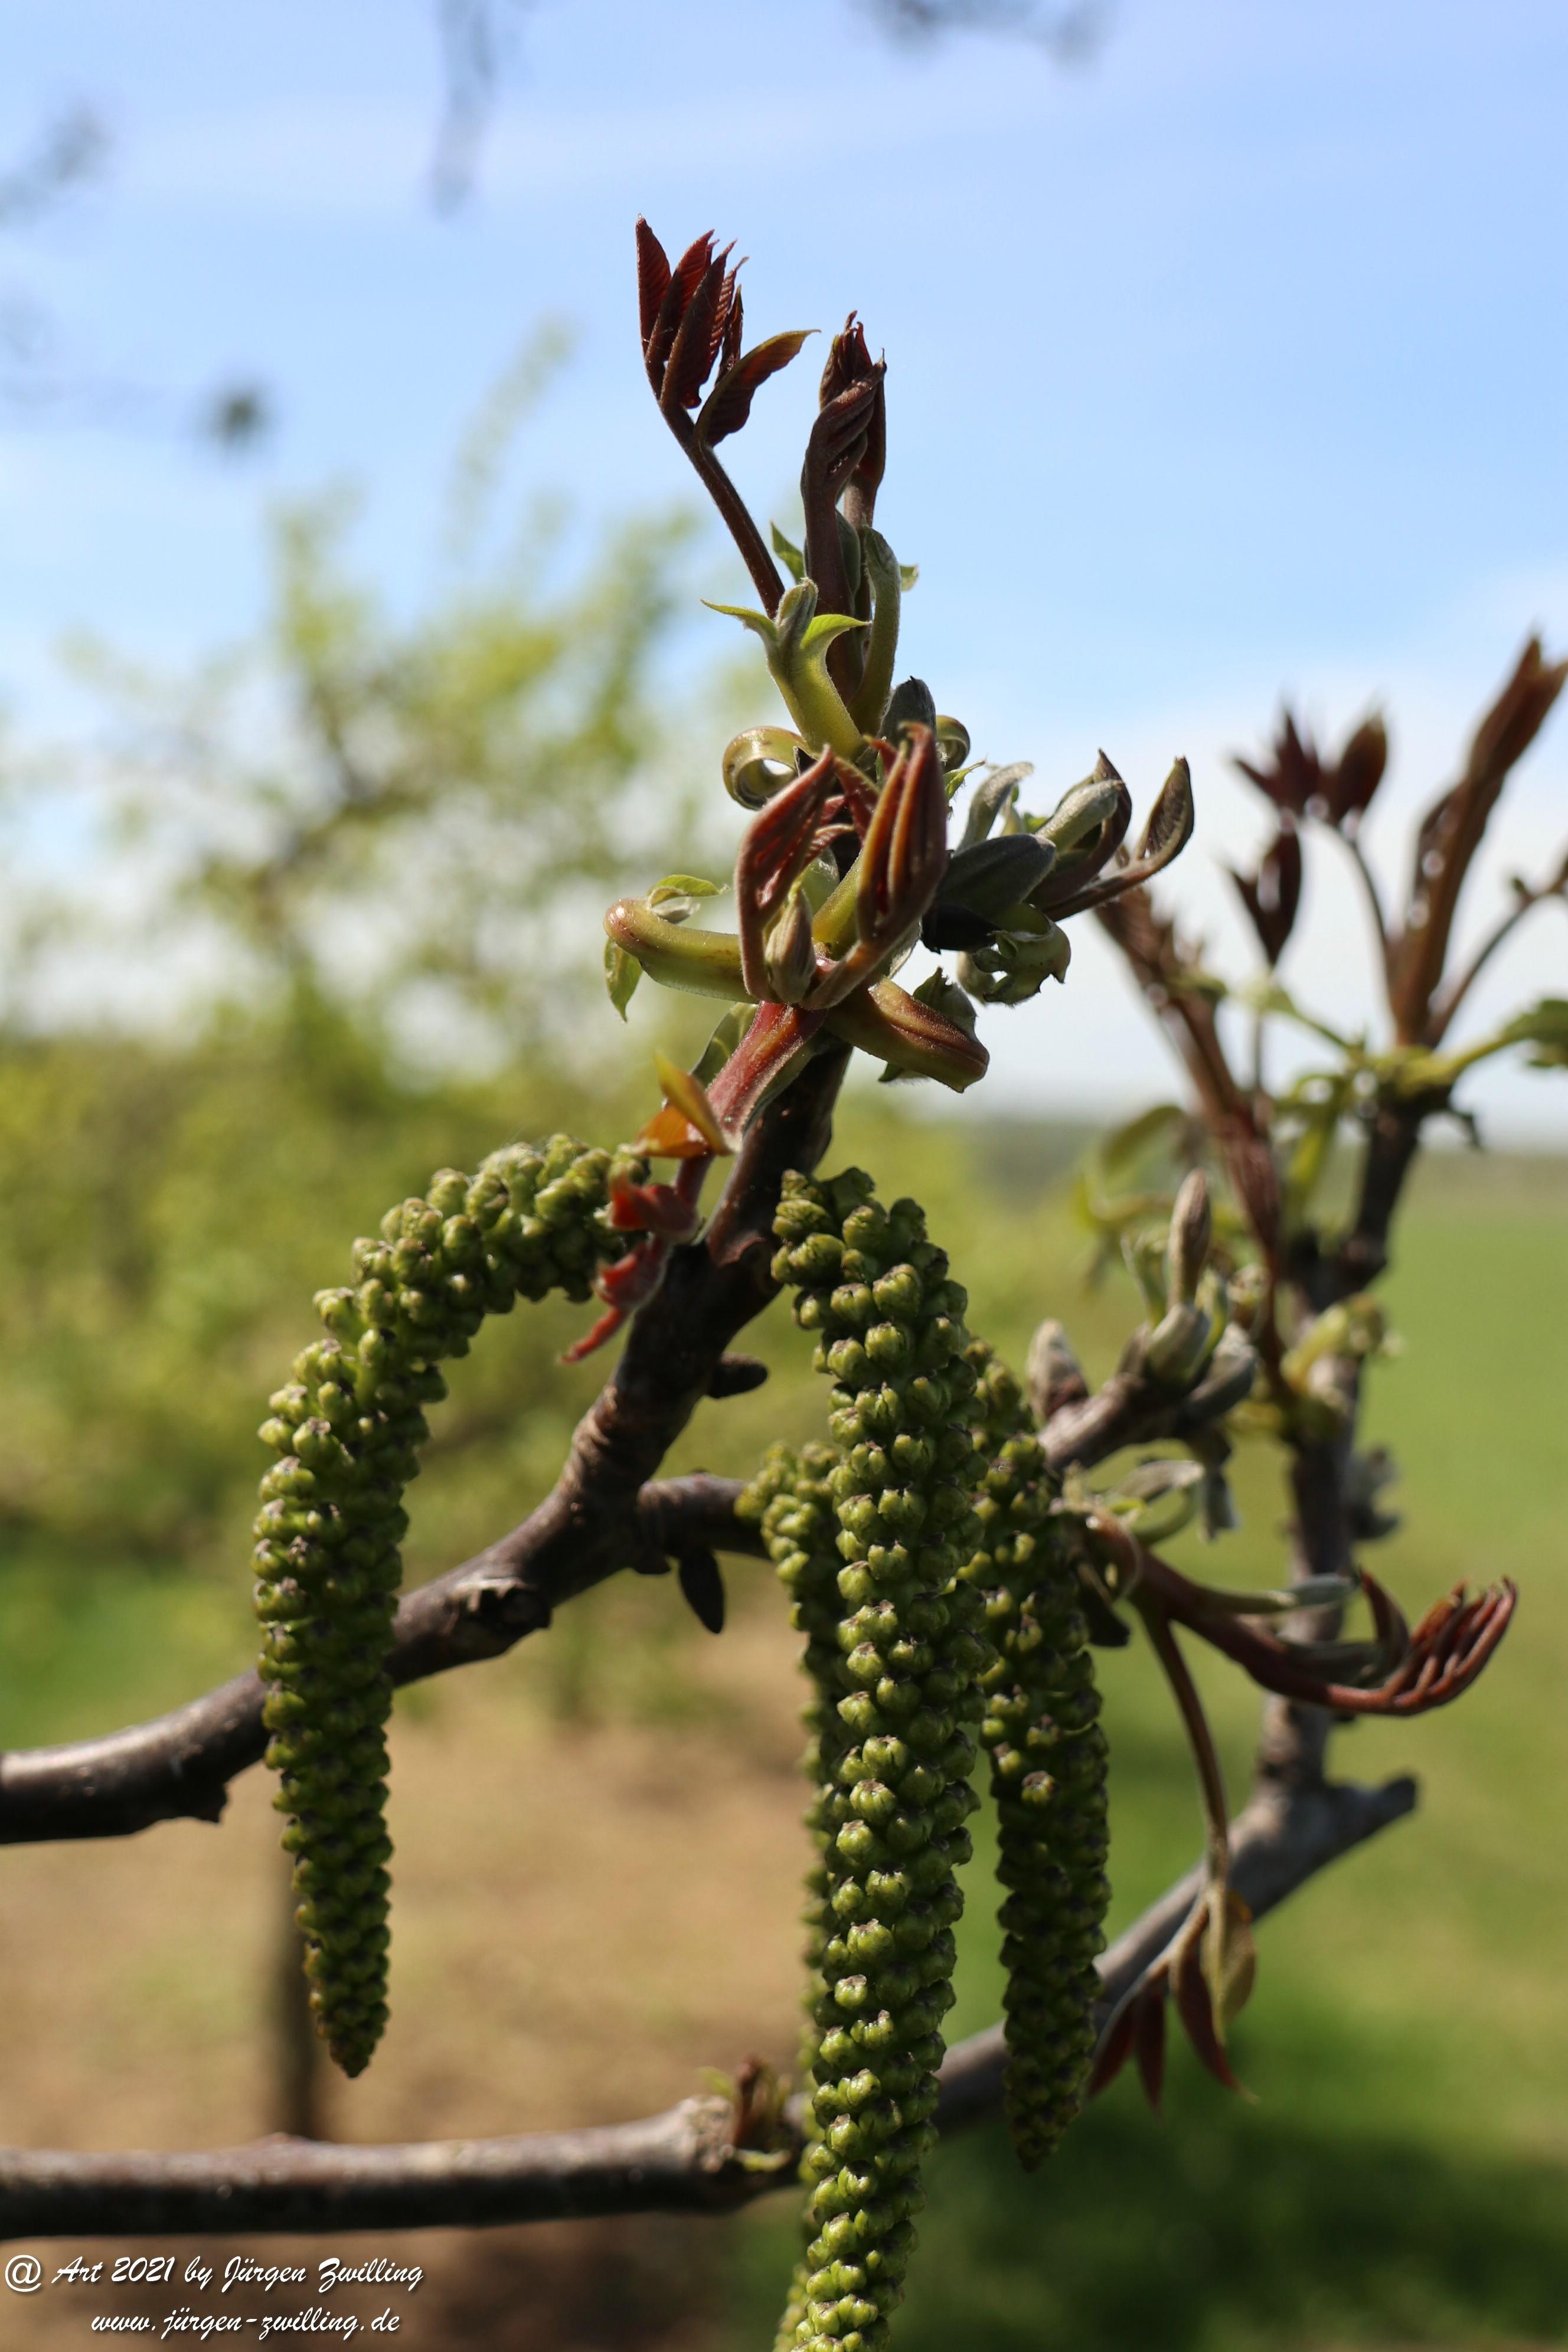 Nussbaumblüte 1